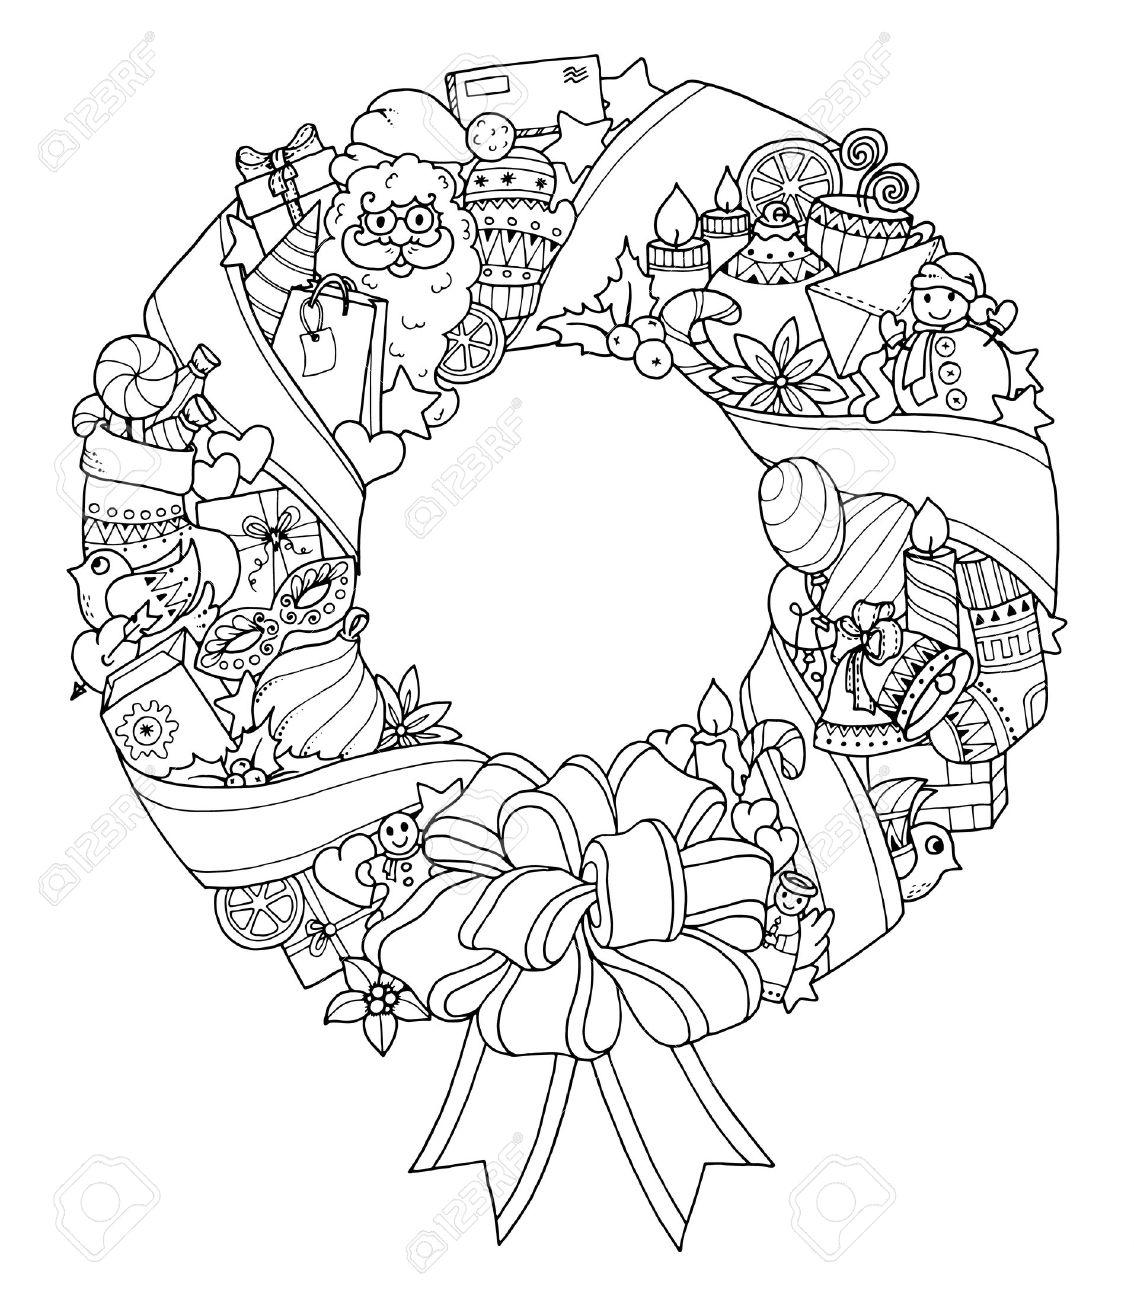 Weihnachtskranz Doodle Muster Mit Luftballons Glocken Süßigkeiten